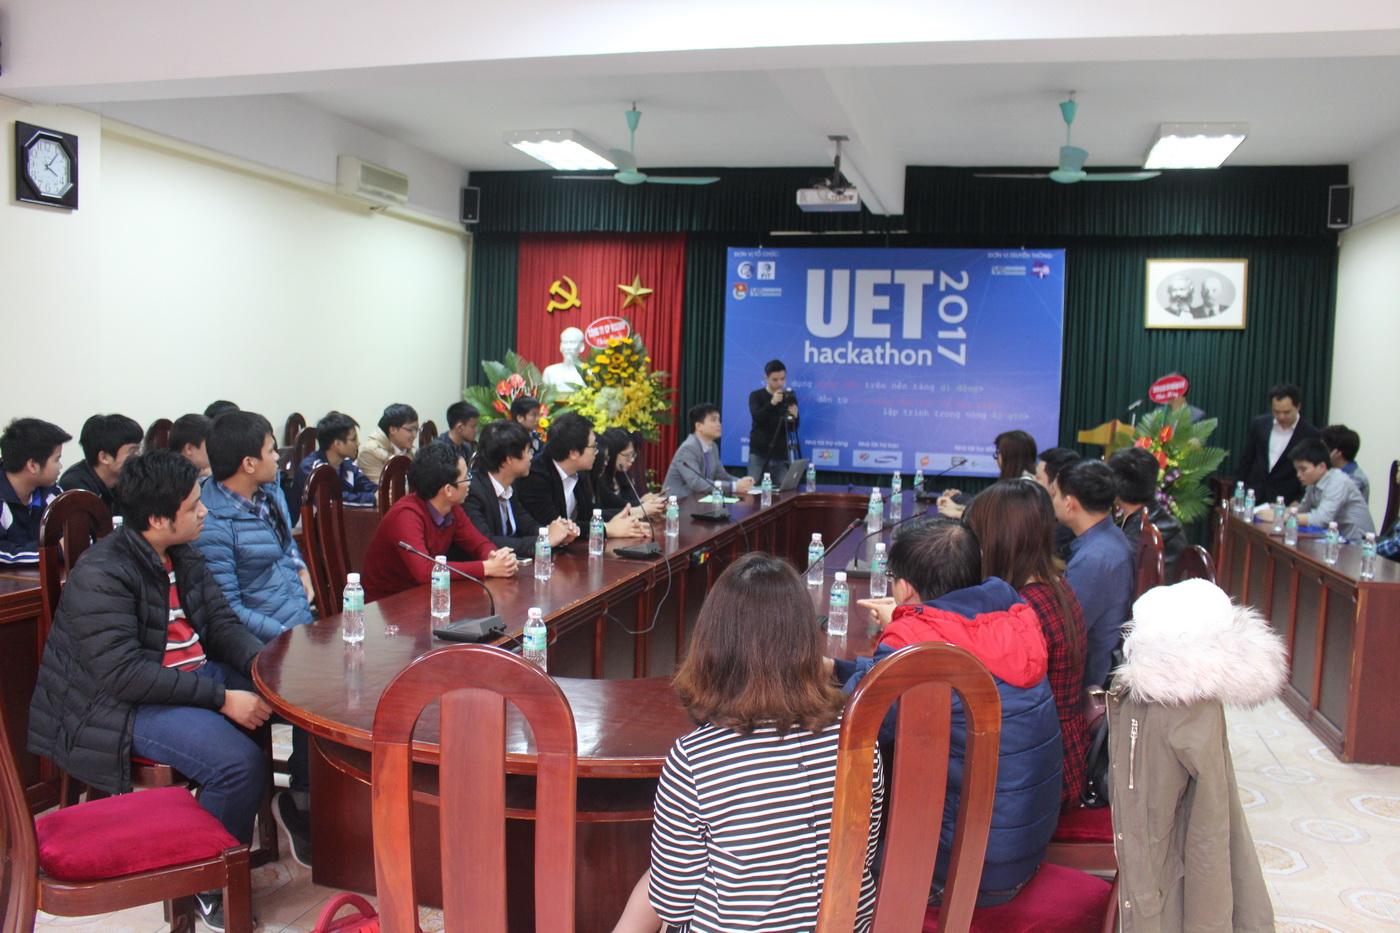 Khai mạc UET Hackathon 2017 - Nơi các anh tài công nghệ được hội tụ và thỏa sức sáng tạo - Ảnh 4.